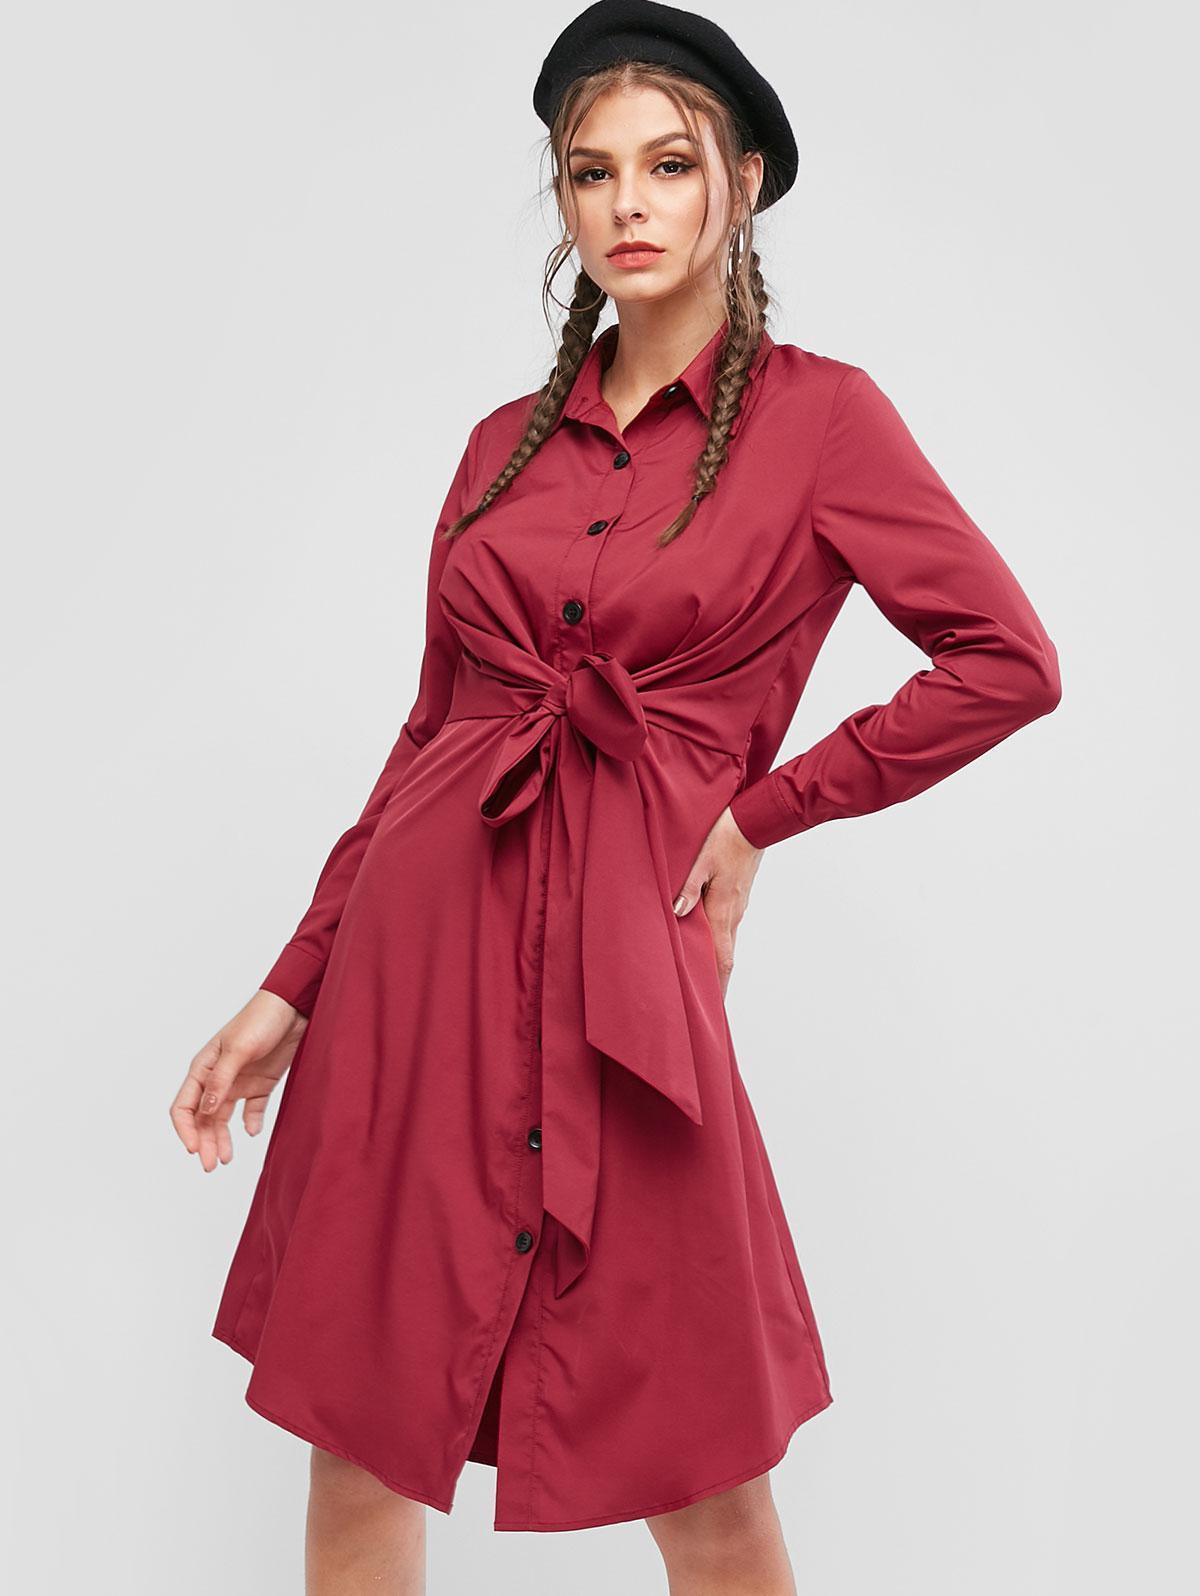 ZAFUL Button Up Tie Waist Long Sleeve Shirt Dress